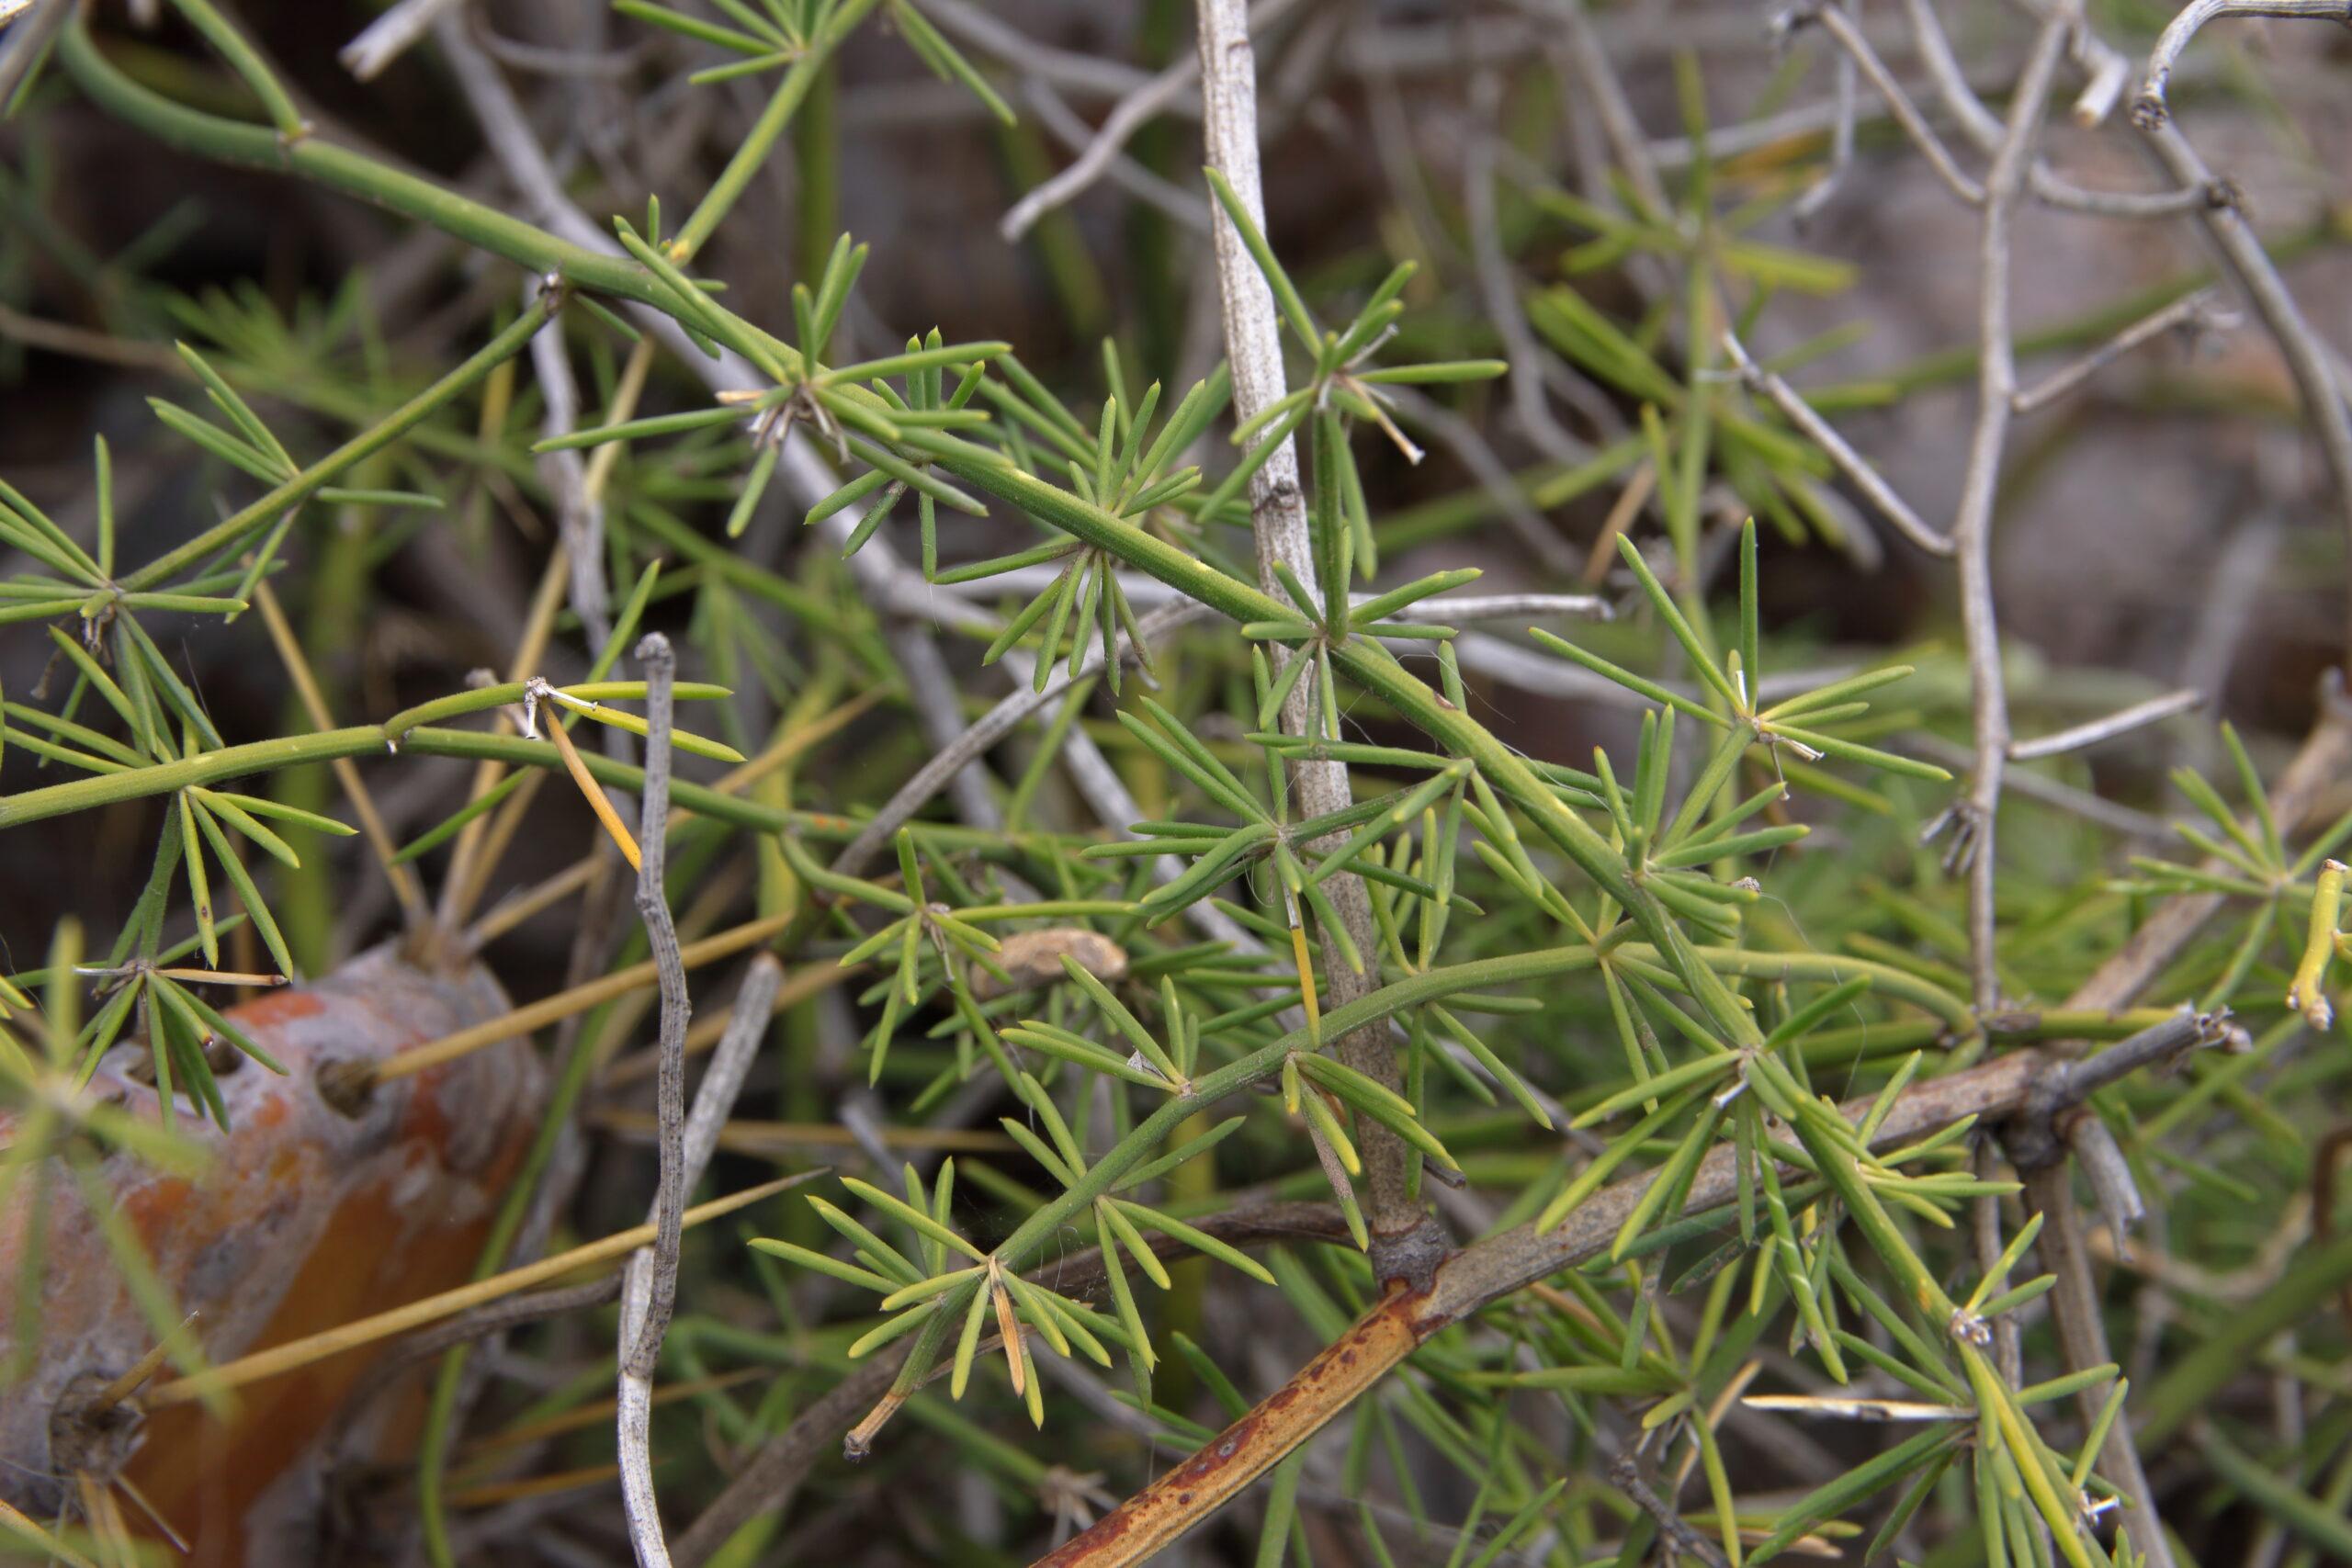 img_0269-hojas-punta-chinamadaasparagus-umbellatus-subsp-umbellatus-scaled.jpg